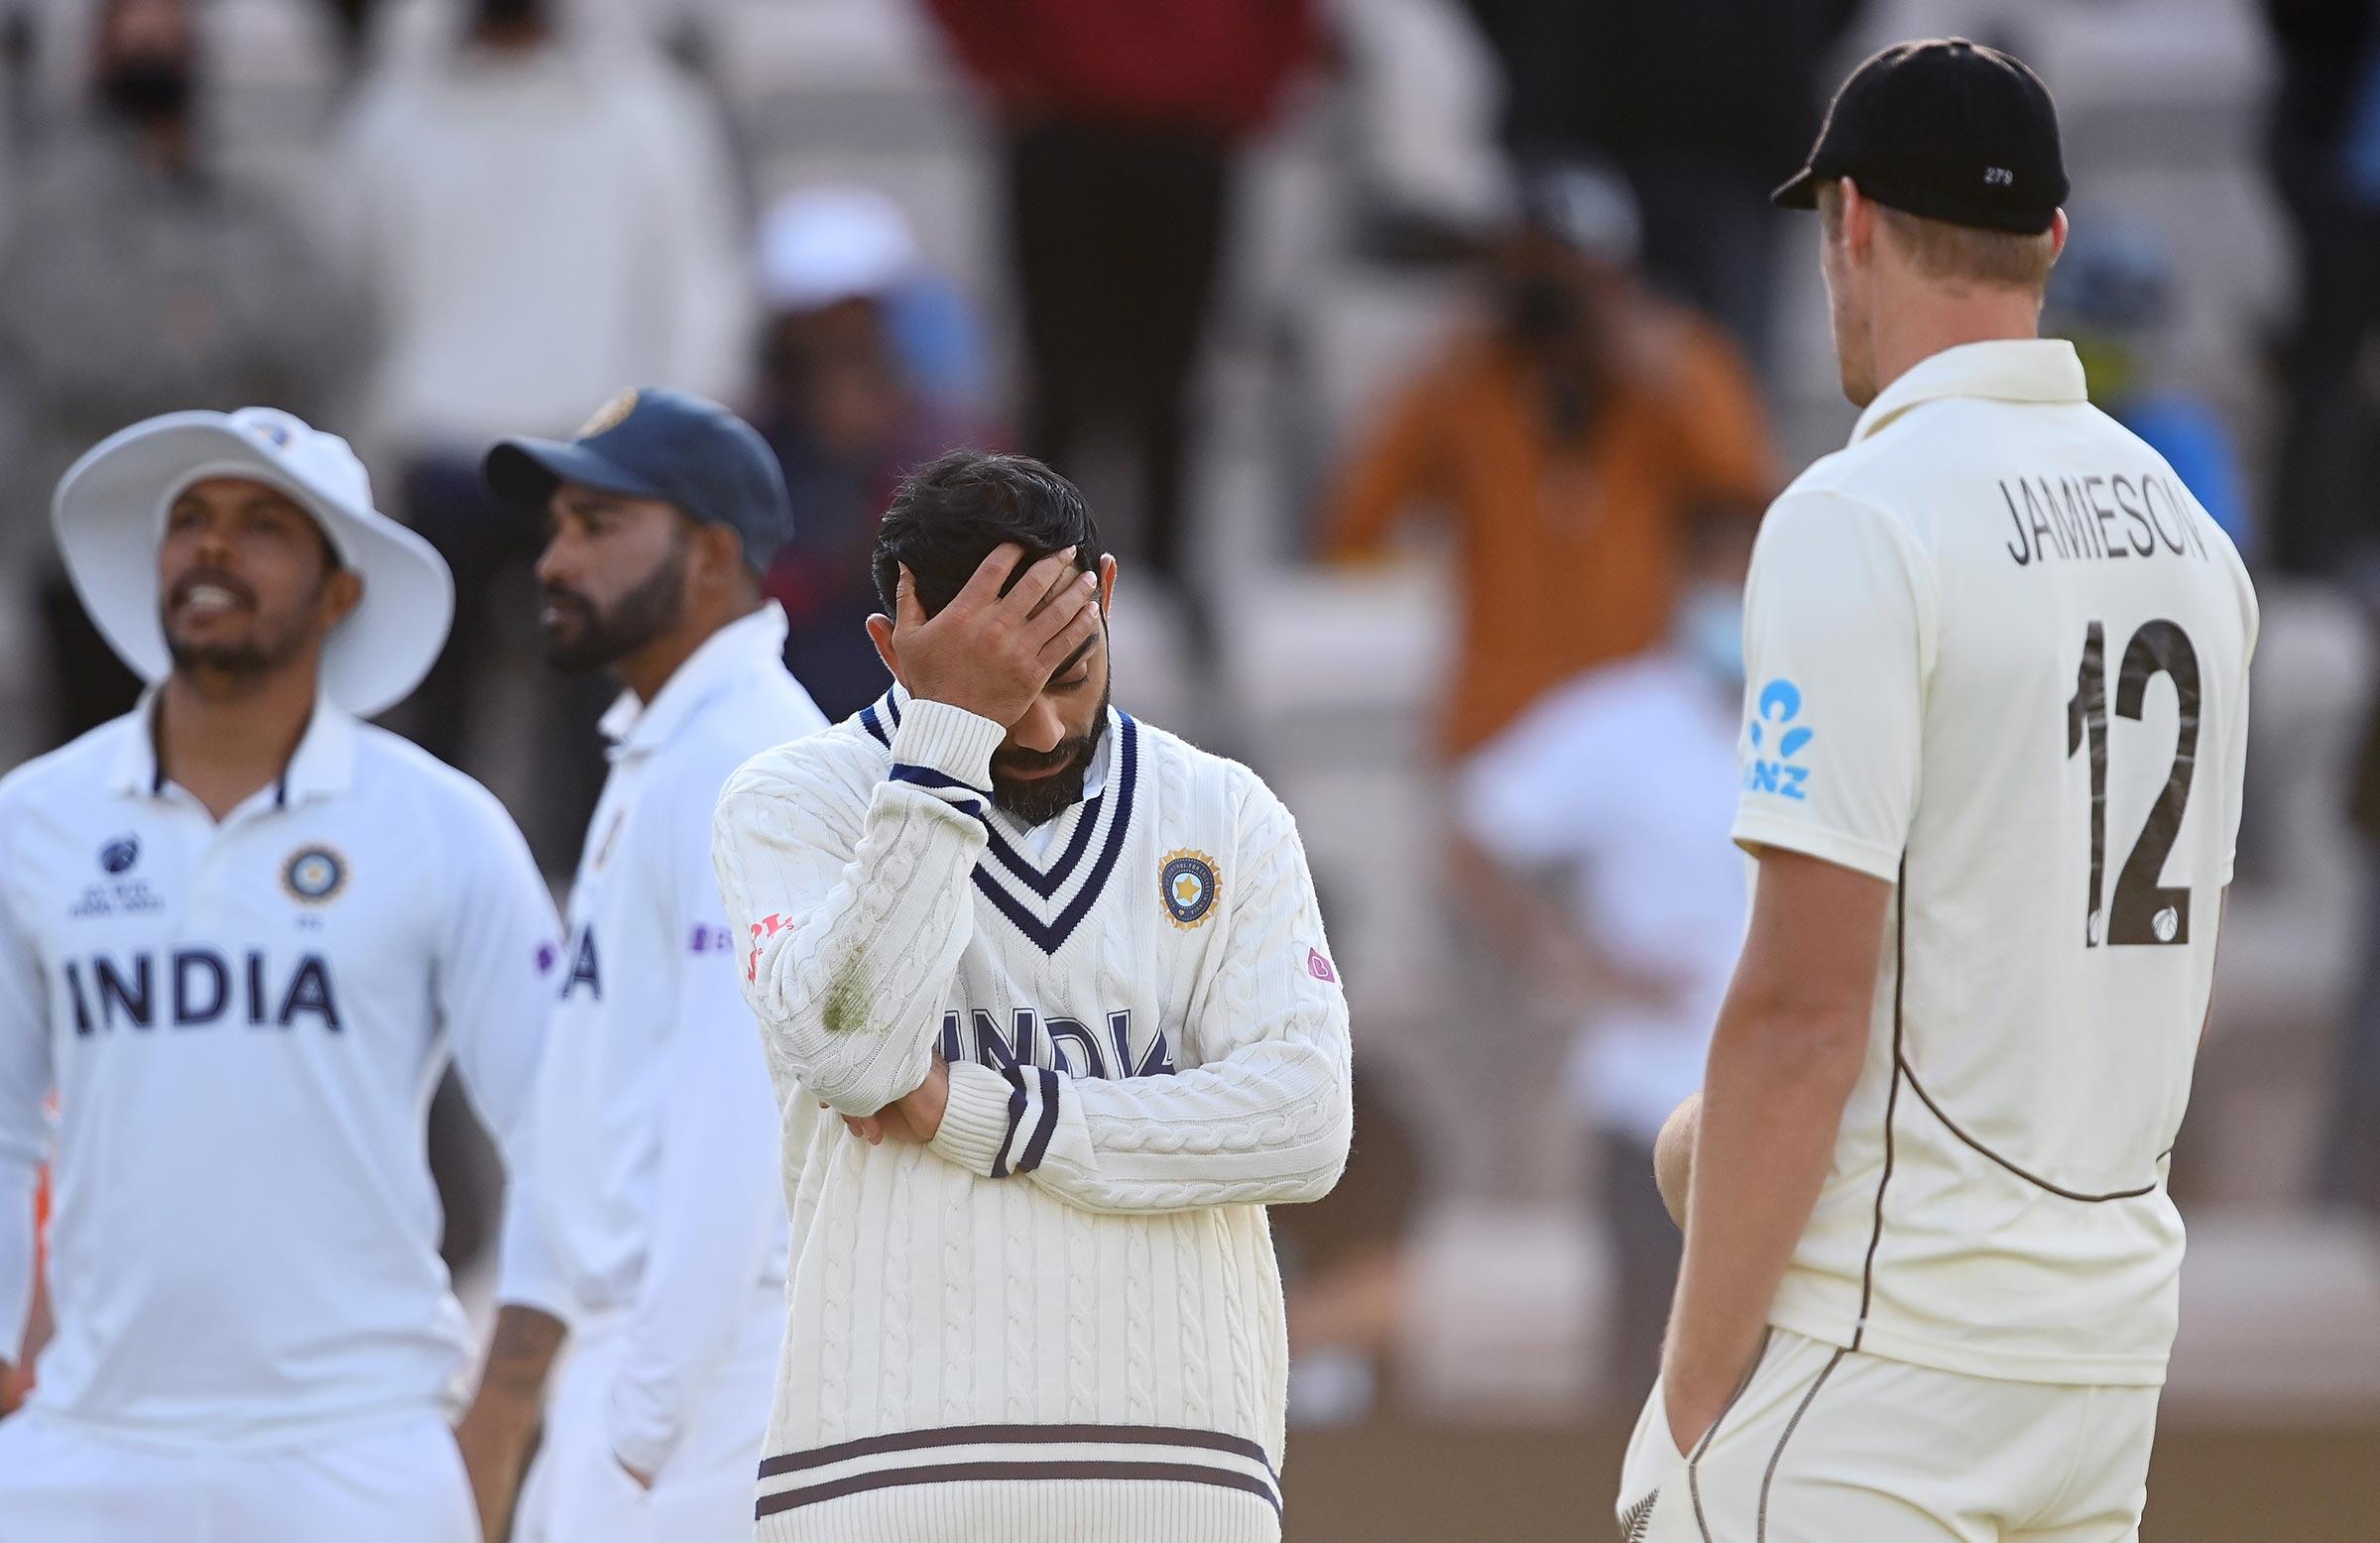 टेस्ट च्याम्पियनसिपको फाइनलमा भारत पराजित हुनुका चार कारण